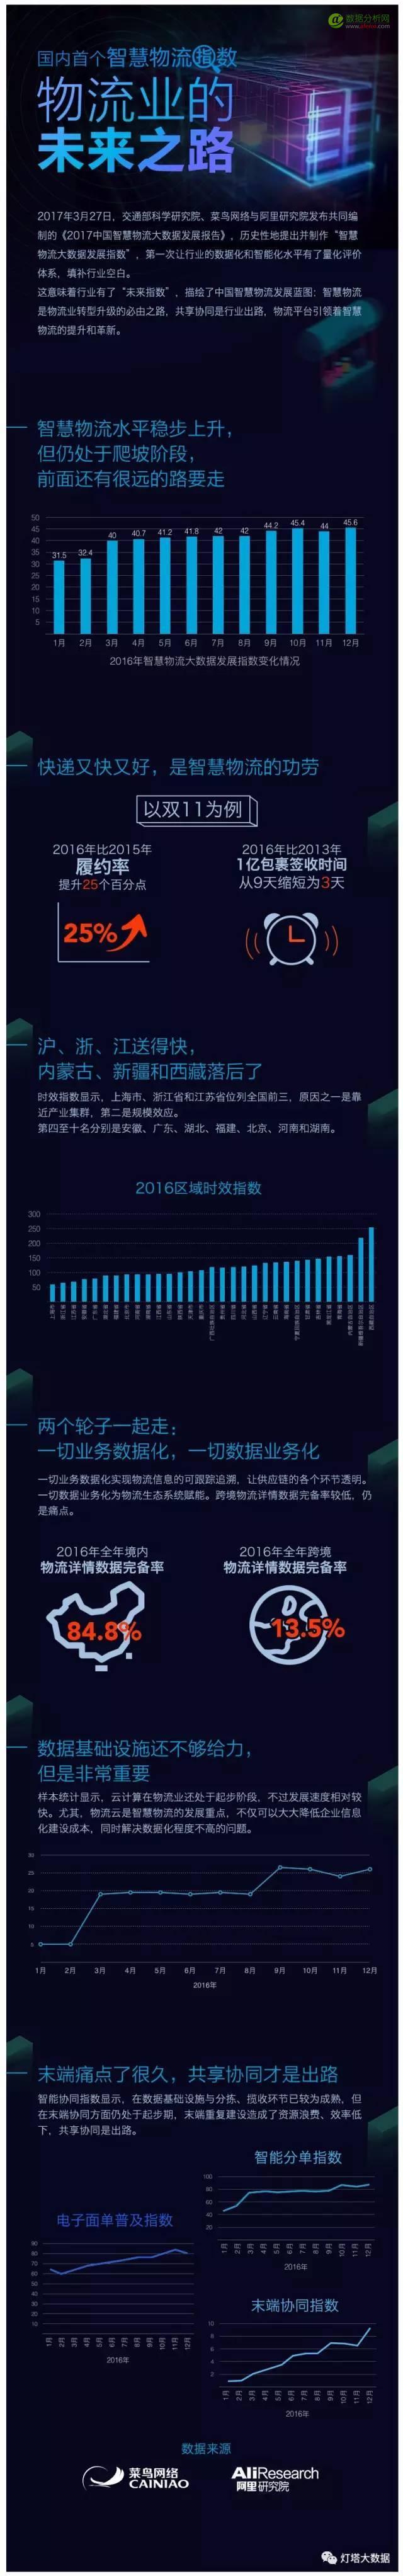 阿里发布国内首个智慧物流大数据: 越偏远配送改善越明显